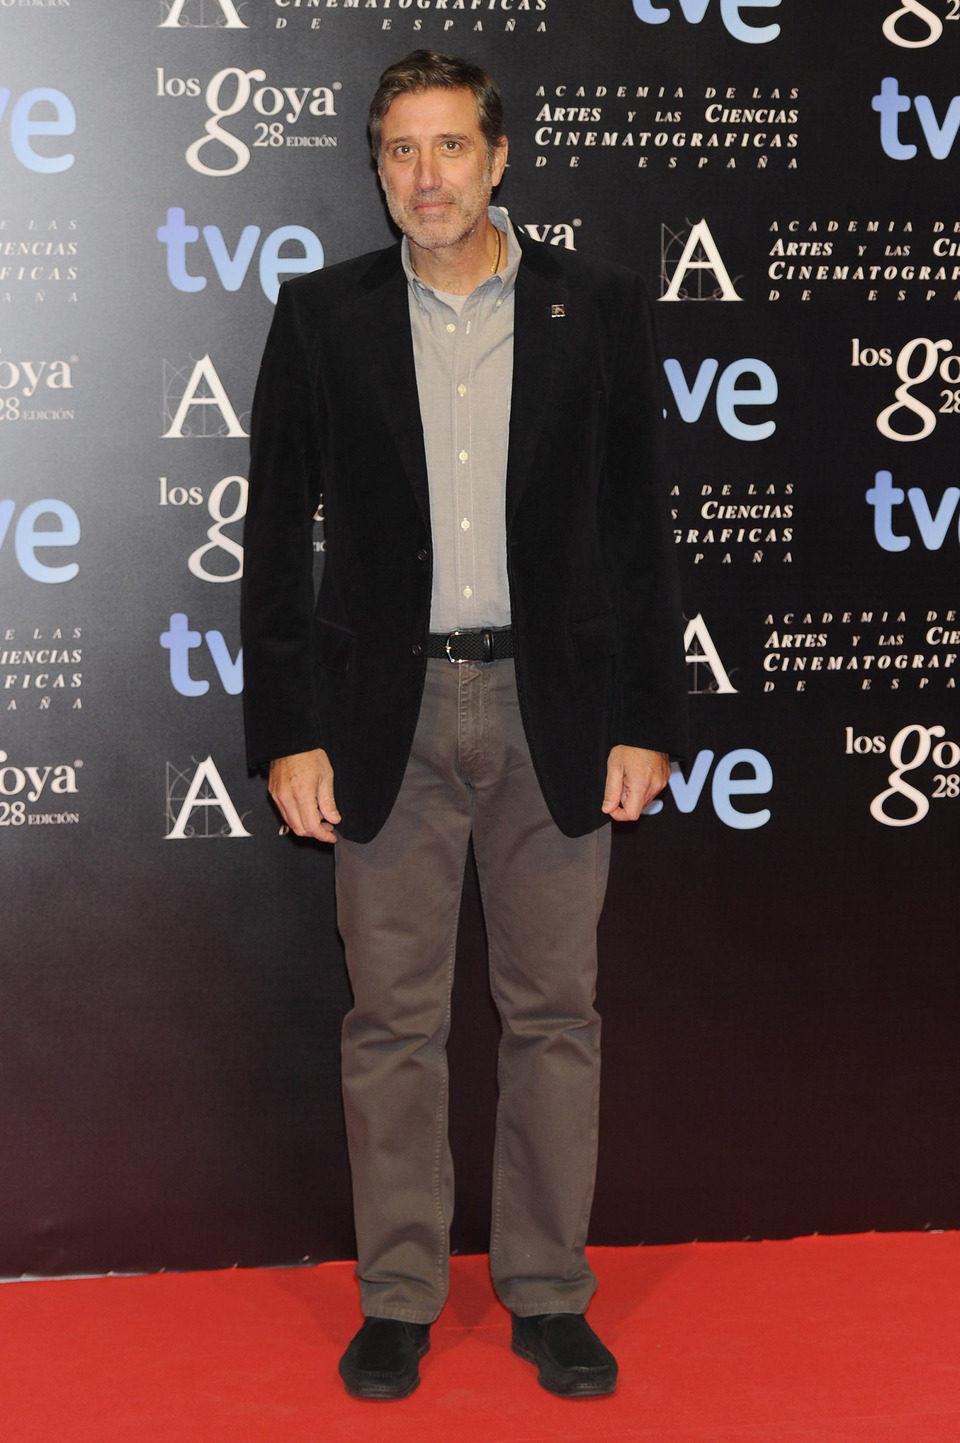 Emilio Aragón en la alfombra roja de la fiesta de los nominados a los premios Goya 2014